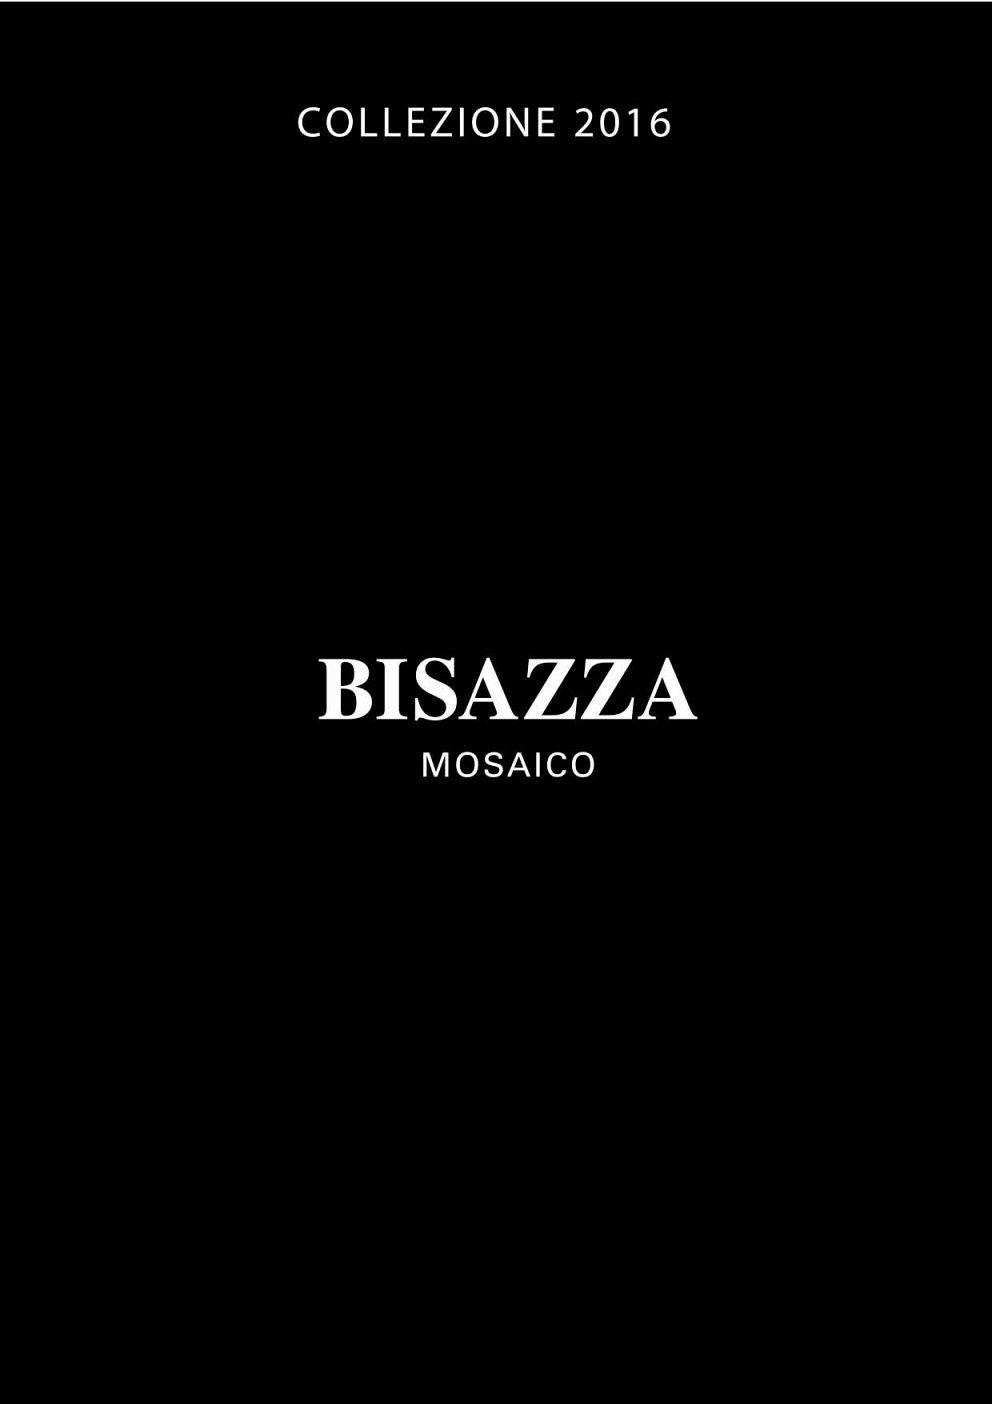 Bisazza - Mosaico